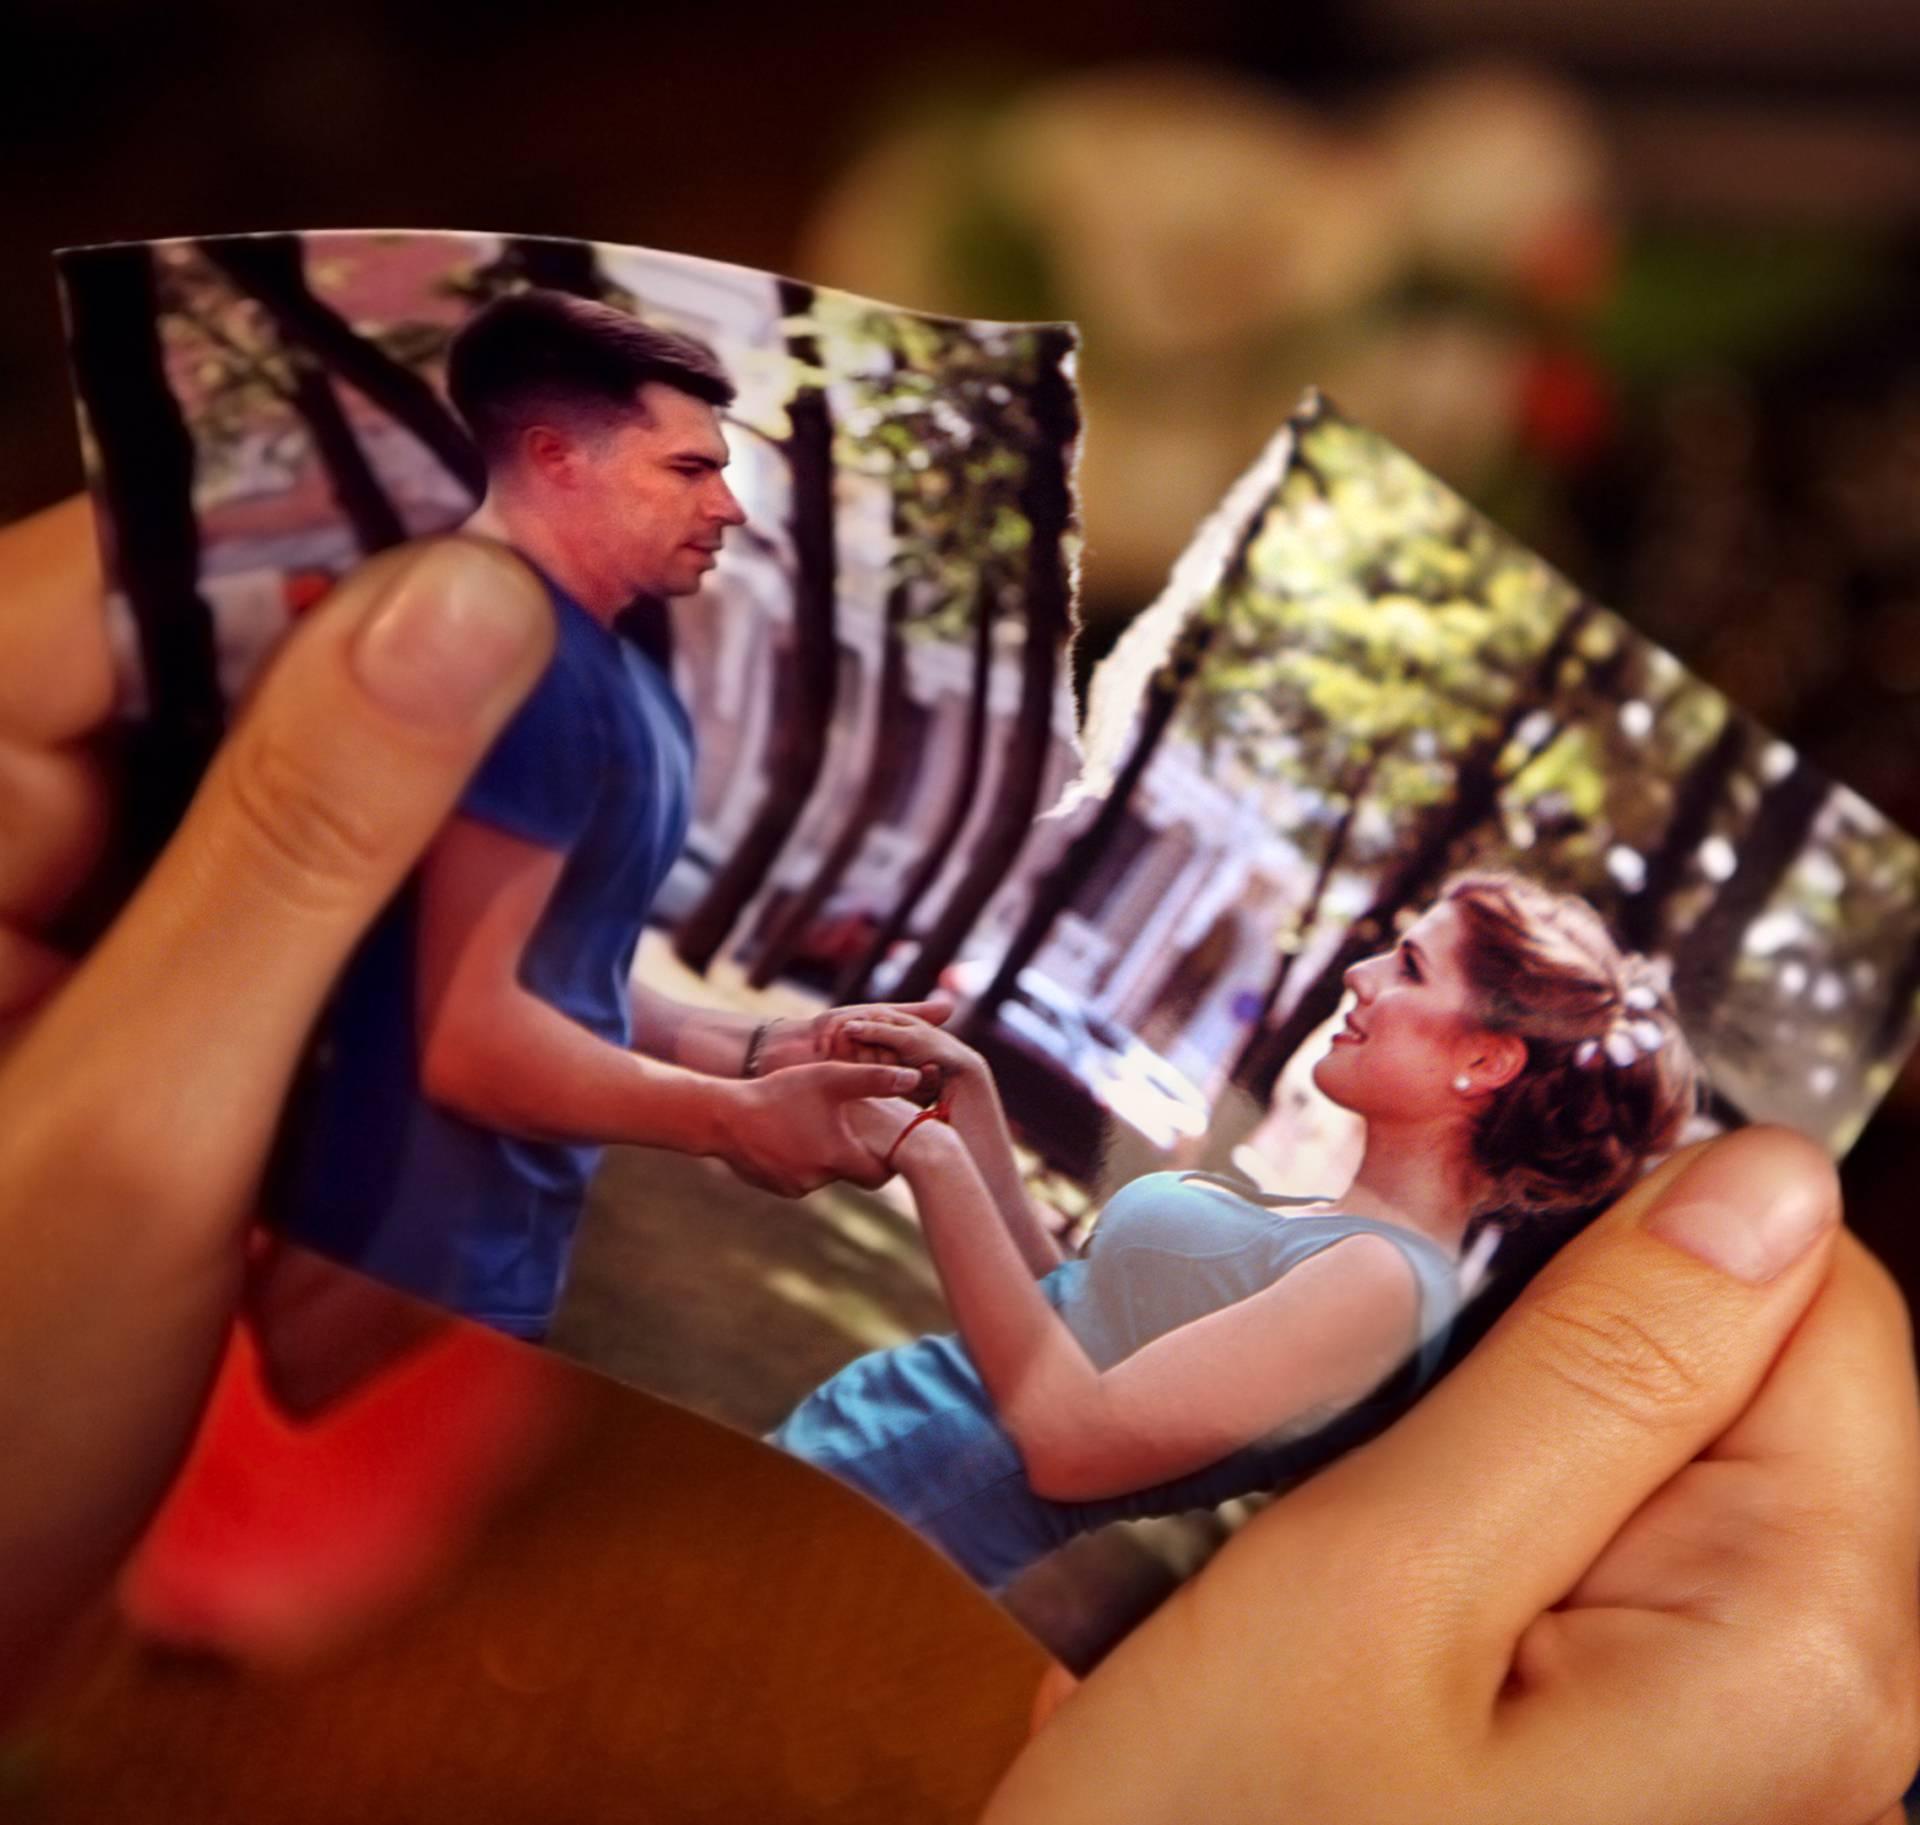 12 najčešćih razloga zašto se bračni parovi odluče na razvod